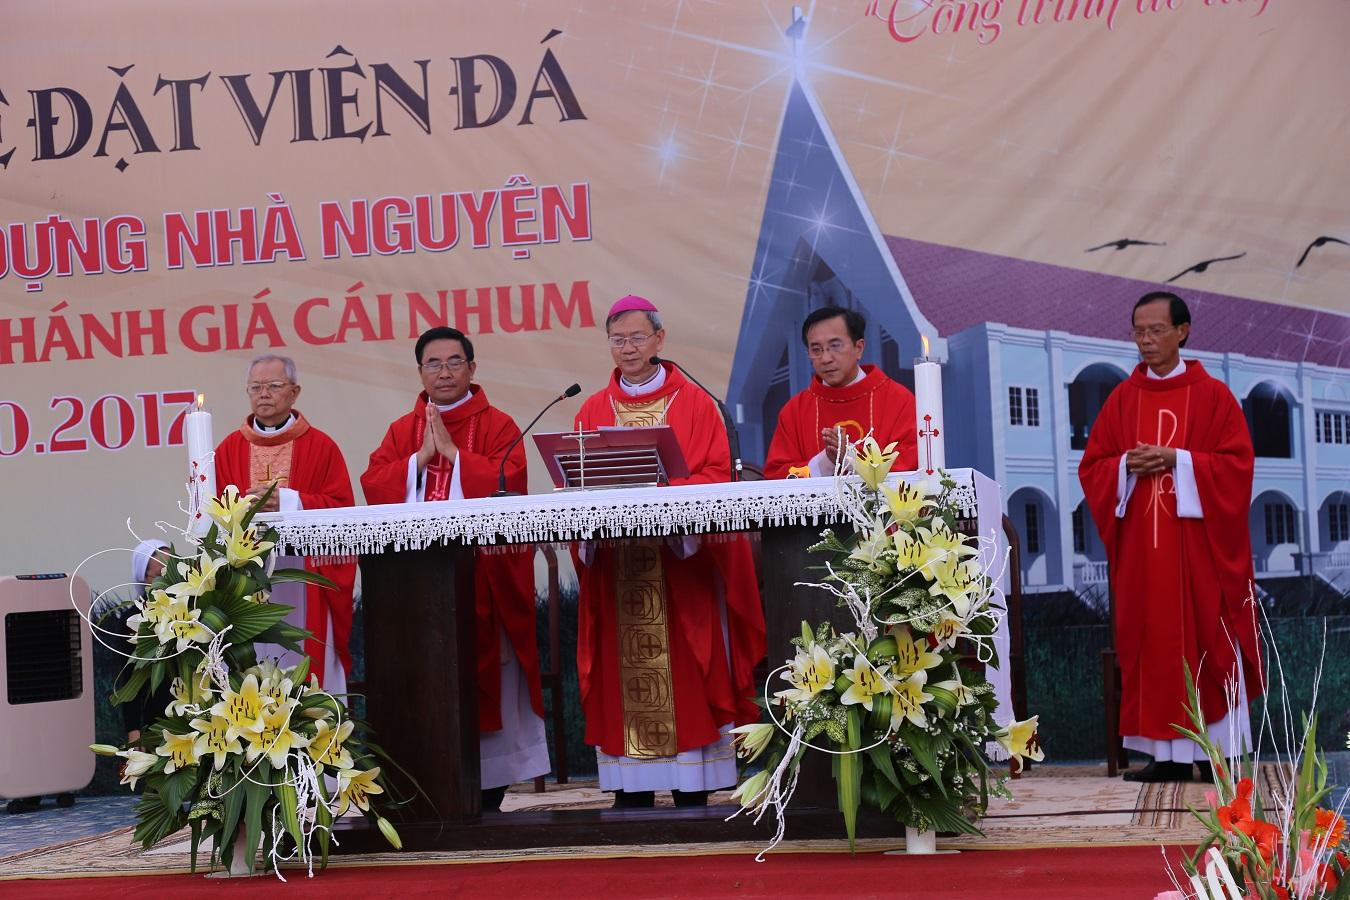 Hội Dòng Mến Thánh Giá Cái Nhum : Thánh Lễ đặt viên đá xây dựng Nguyện Đường